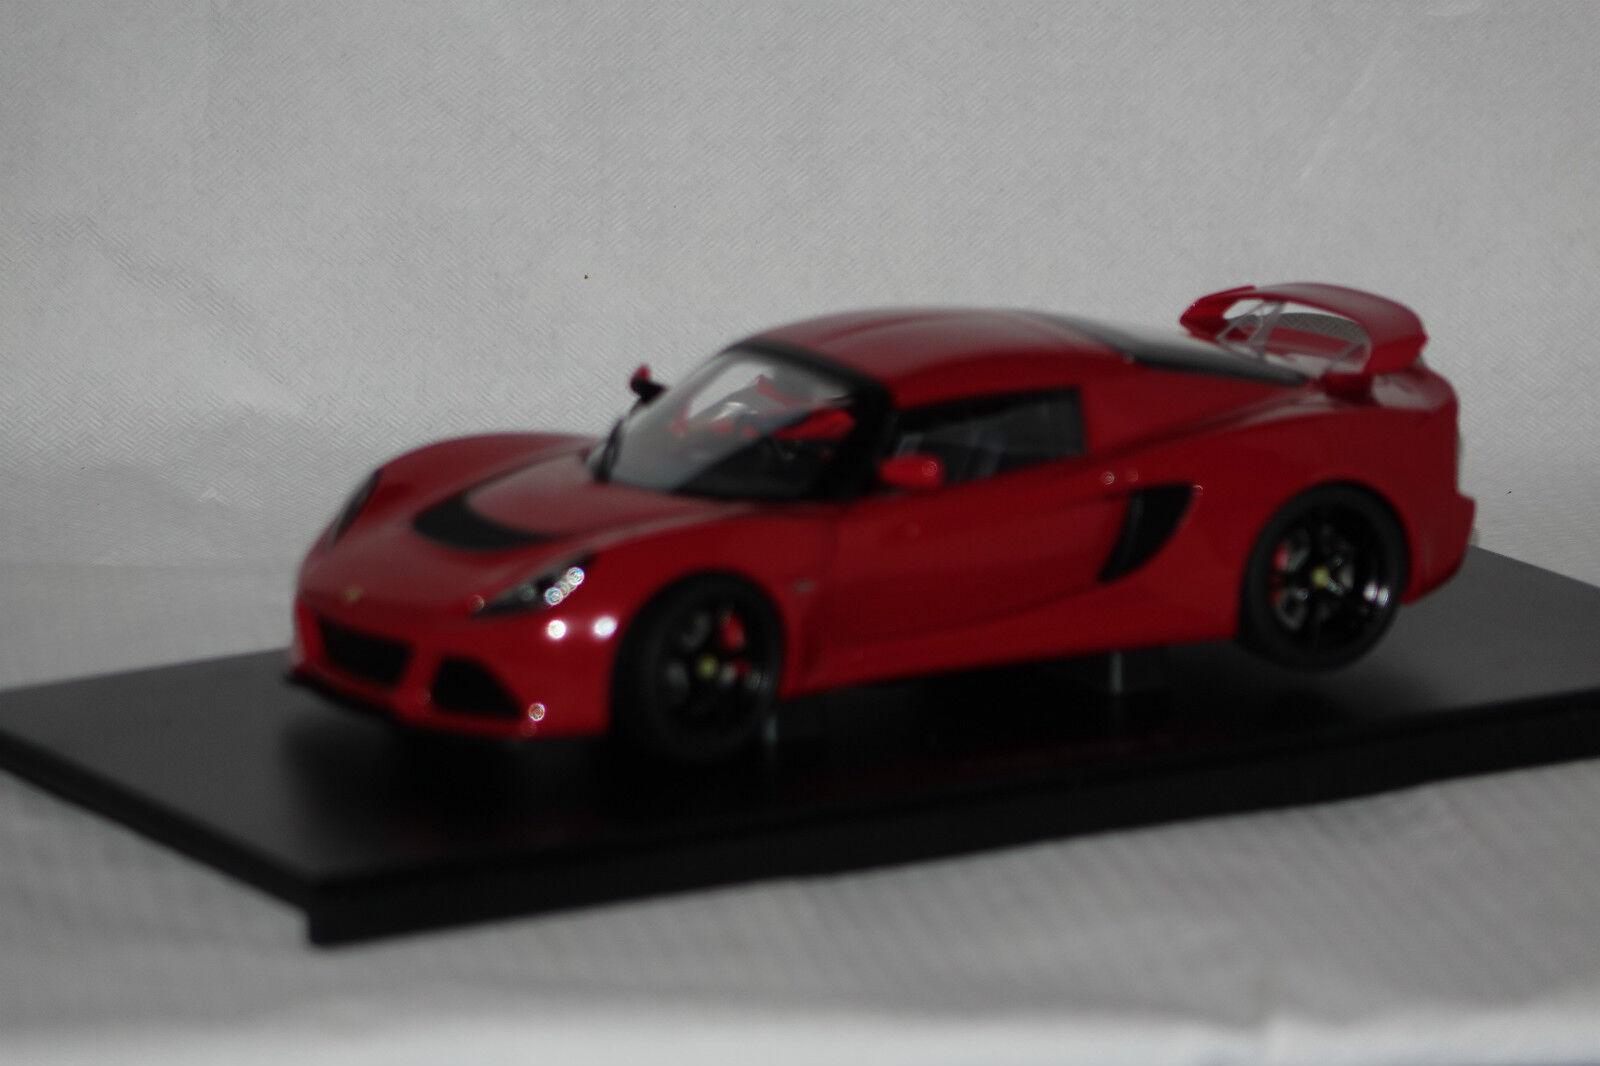 Lotus EXIGE s 2012 rouge rouge rouge 1:18 AUTOart NOUVEAU & OVP 75381 | Prix Raisonnable  46c172